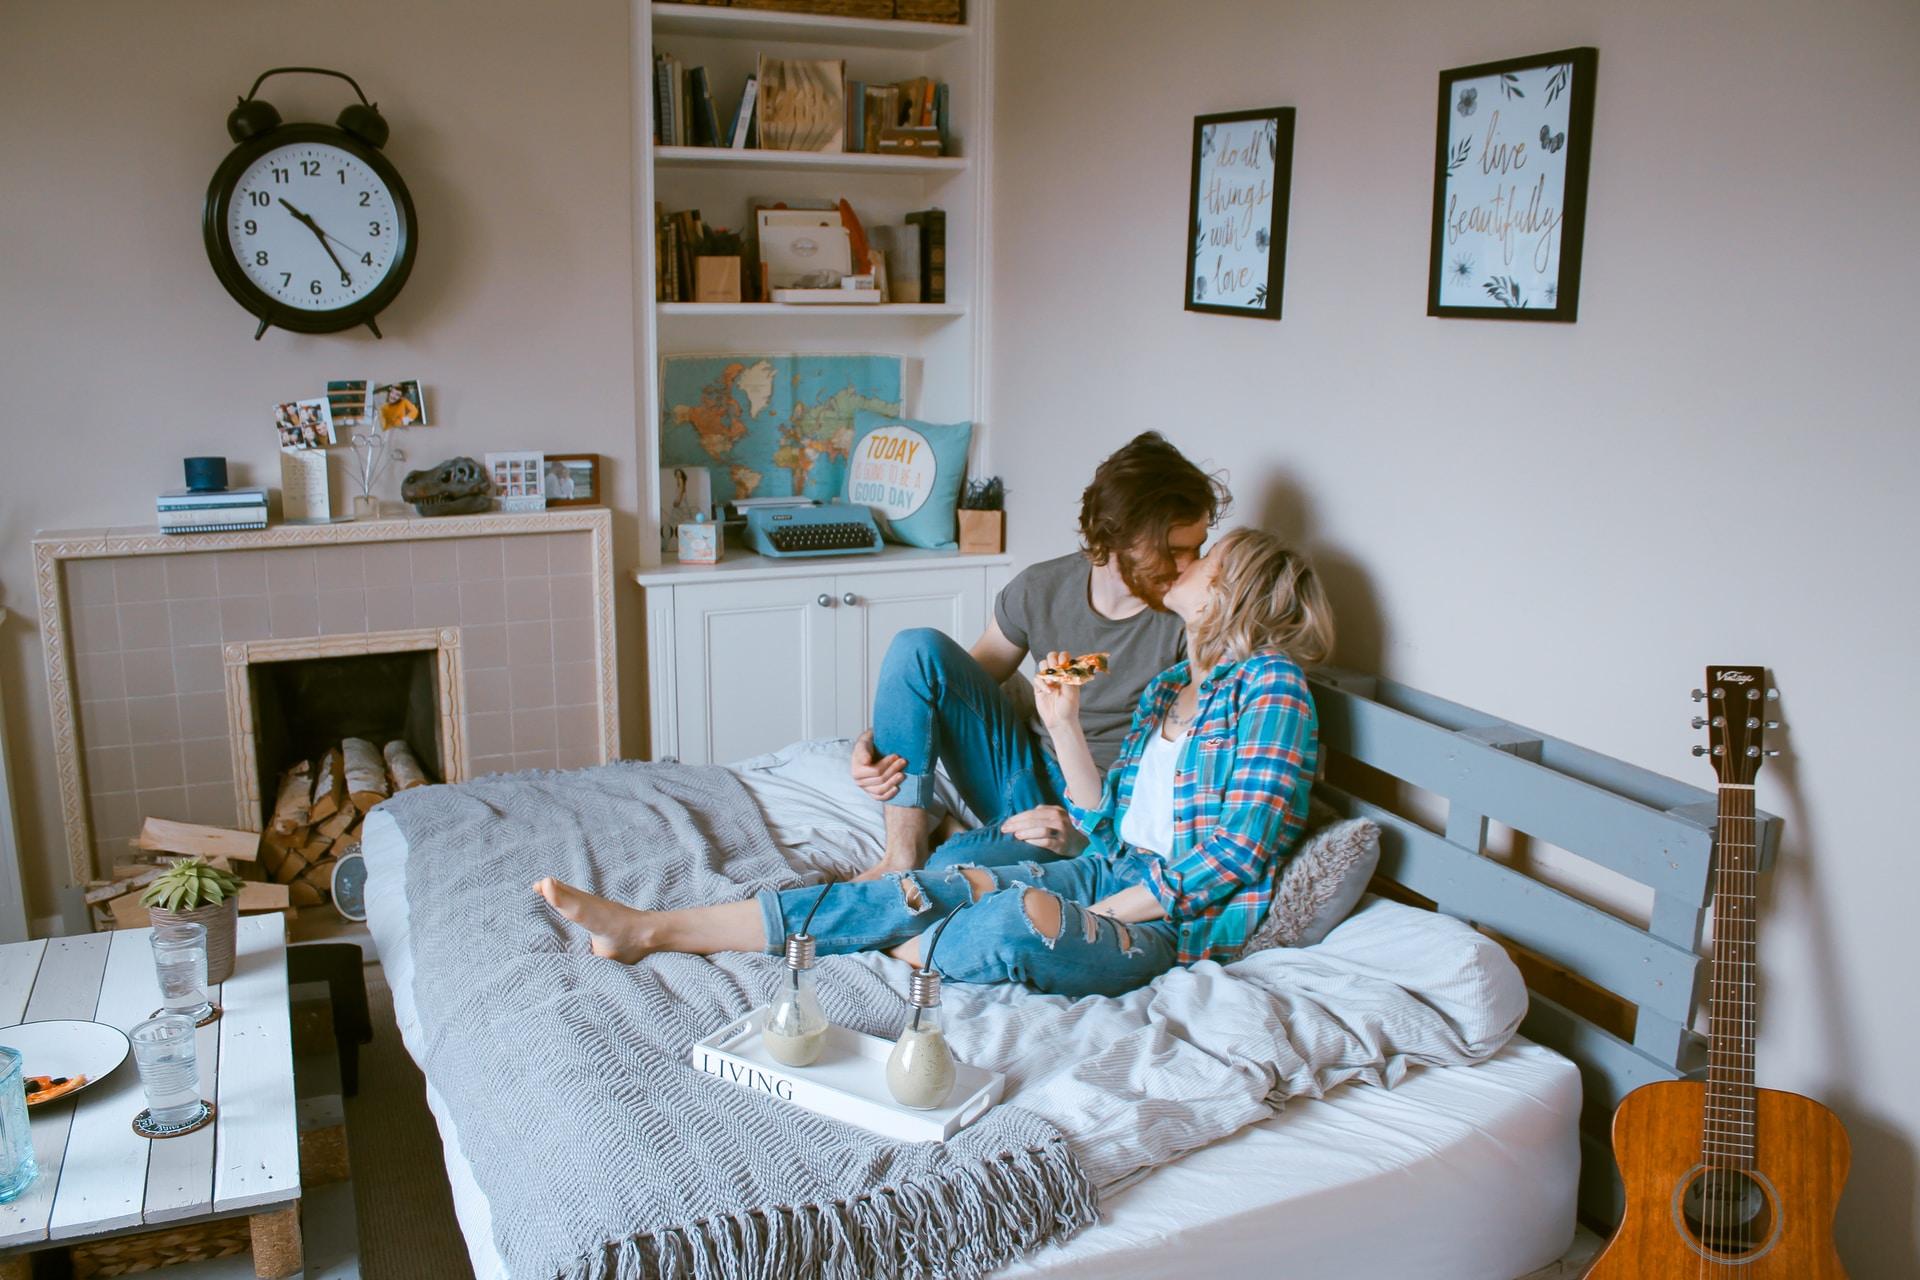 προσωπικός χρόνος μέσα στο γάμο